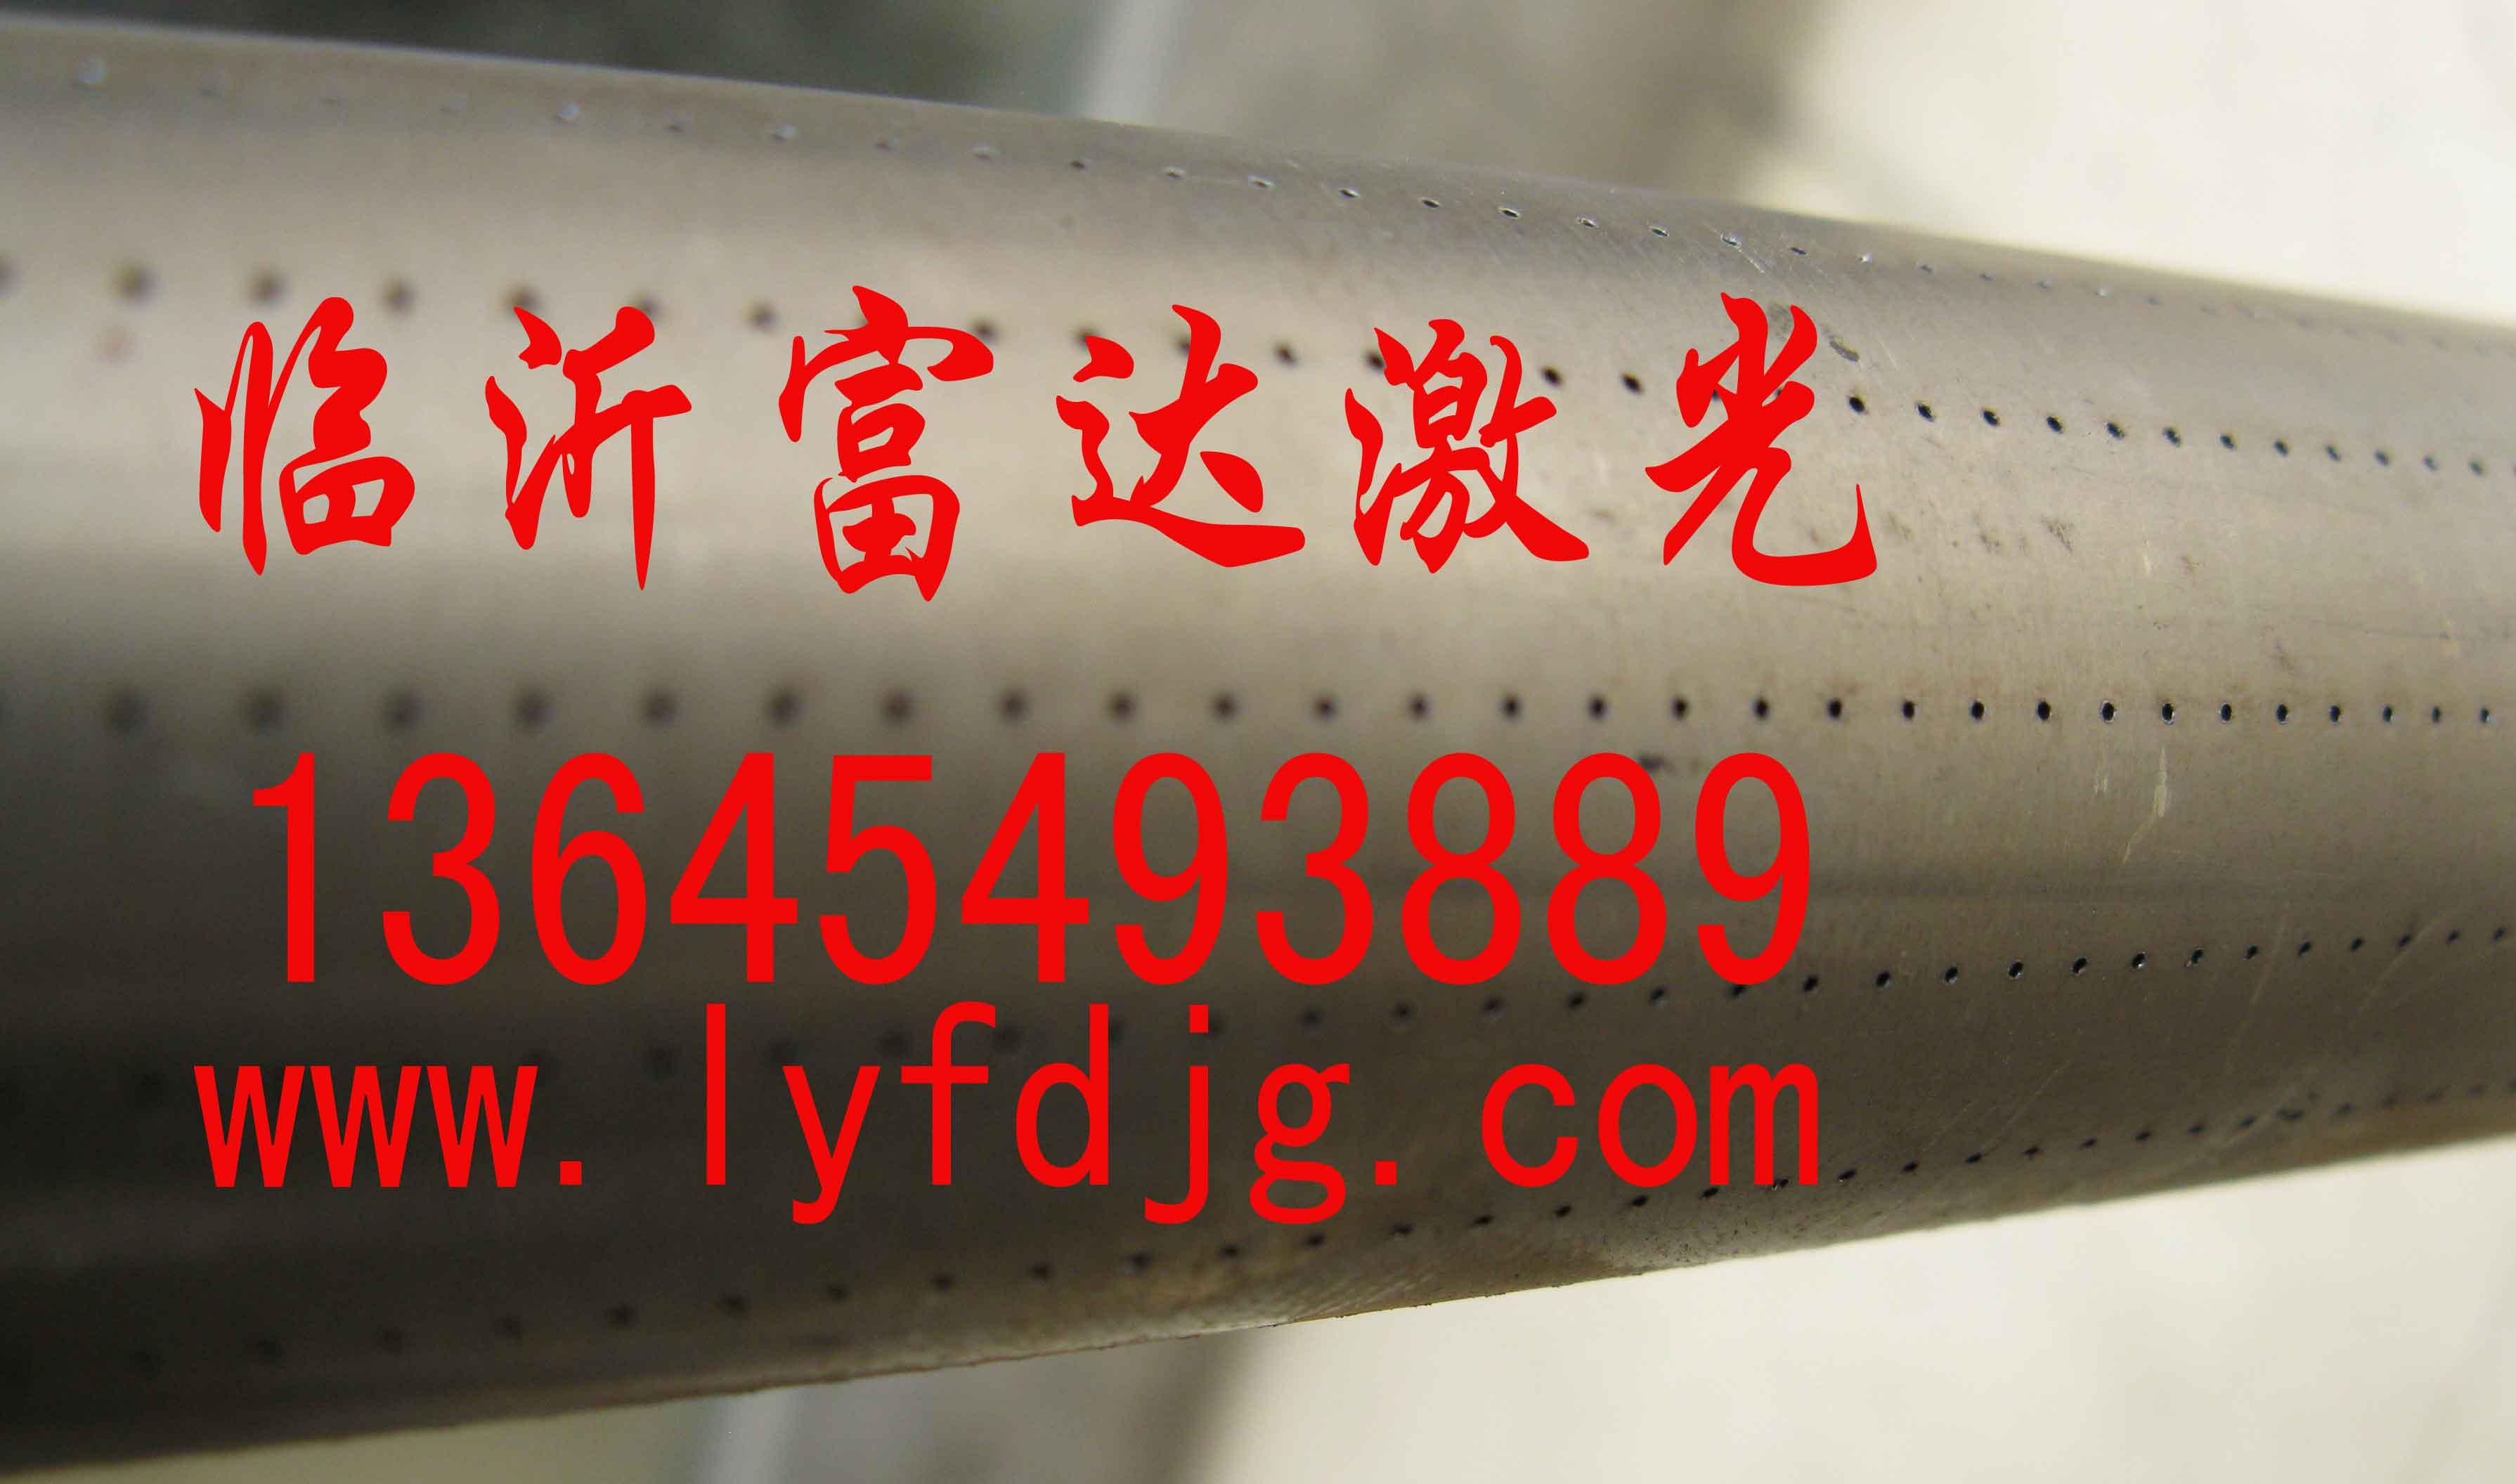 分布器激光打孔加工图片/分布器激光打孔加工样板图 (3)